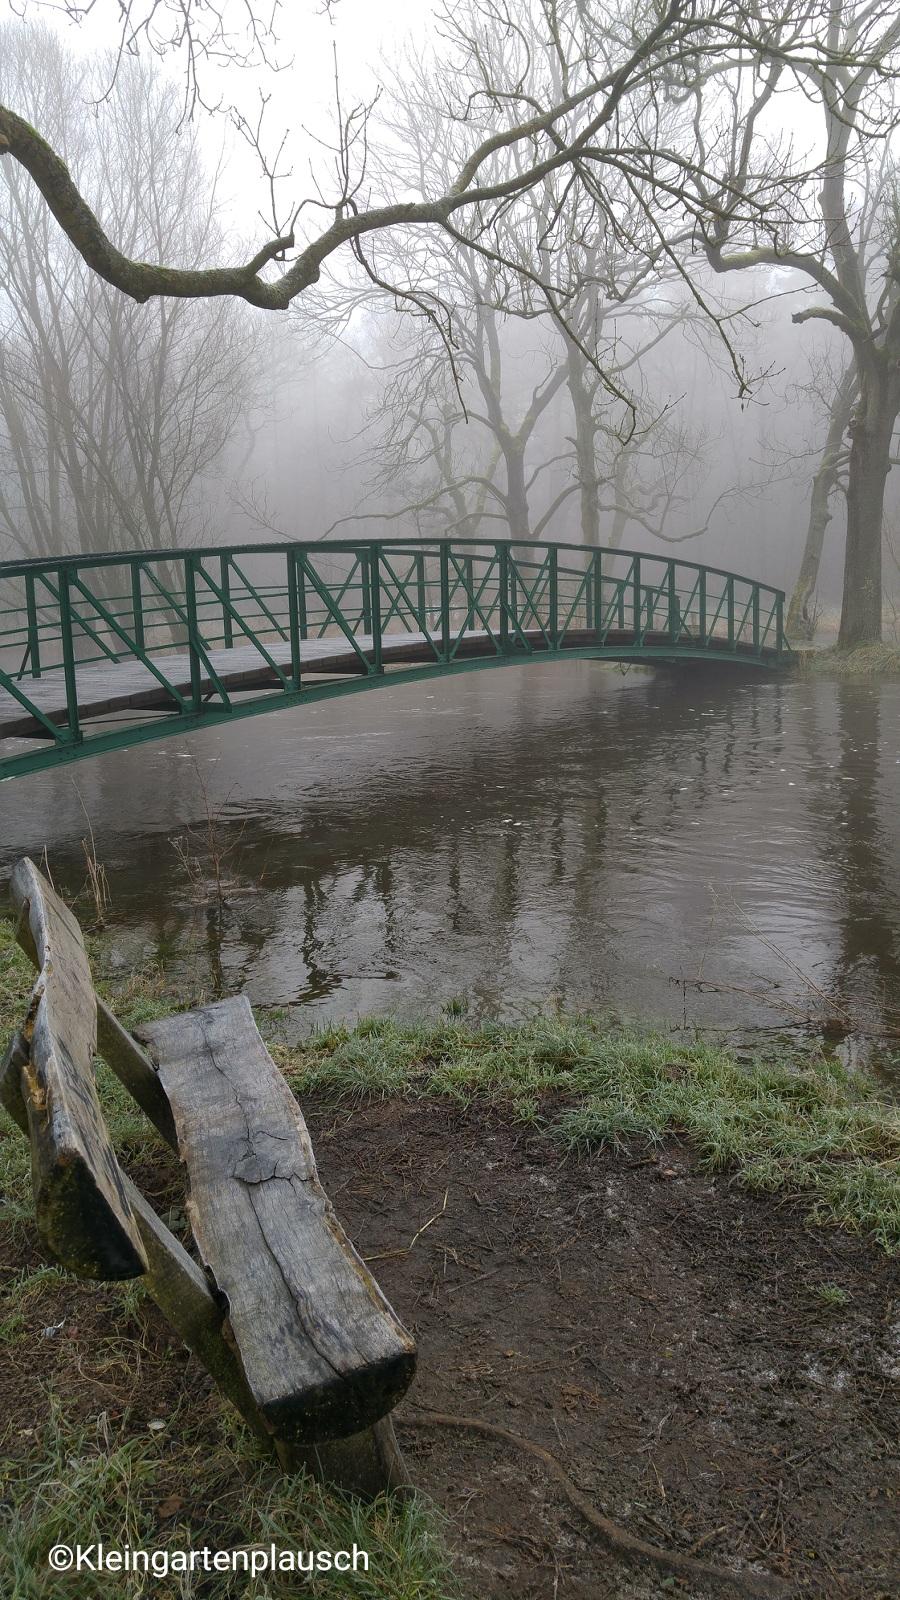 Sonst kann man die Brücke gut queren und dann in einem Rundbogen durch den Wald zurücklaufen: Am Sonntag war hier Schluss, denn das Wasser stand auf der anderen Uferseite kniehoch...